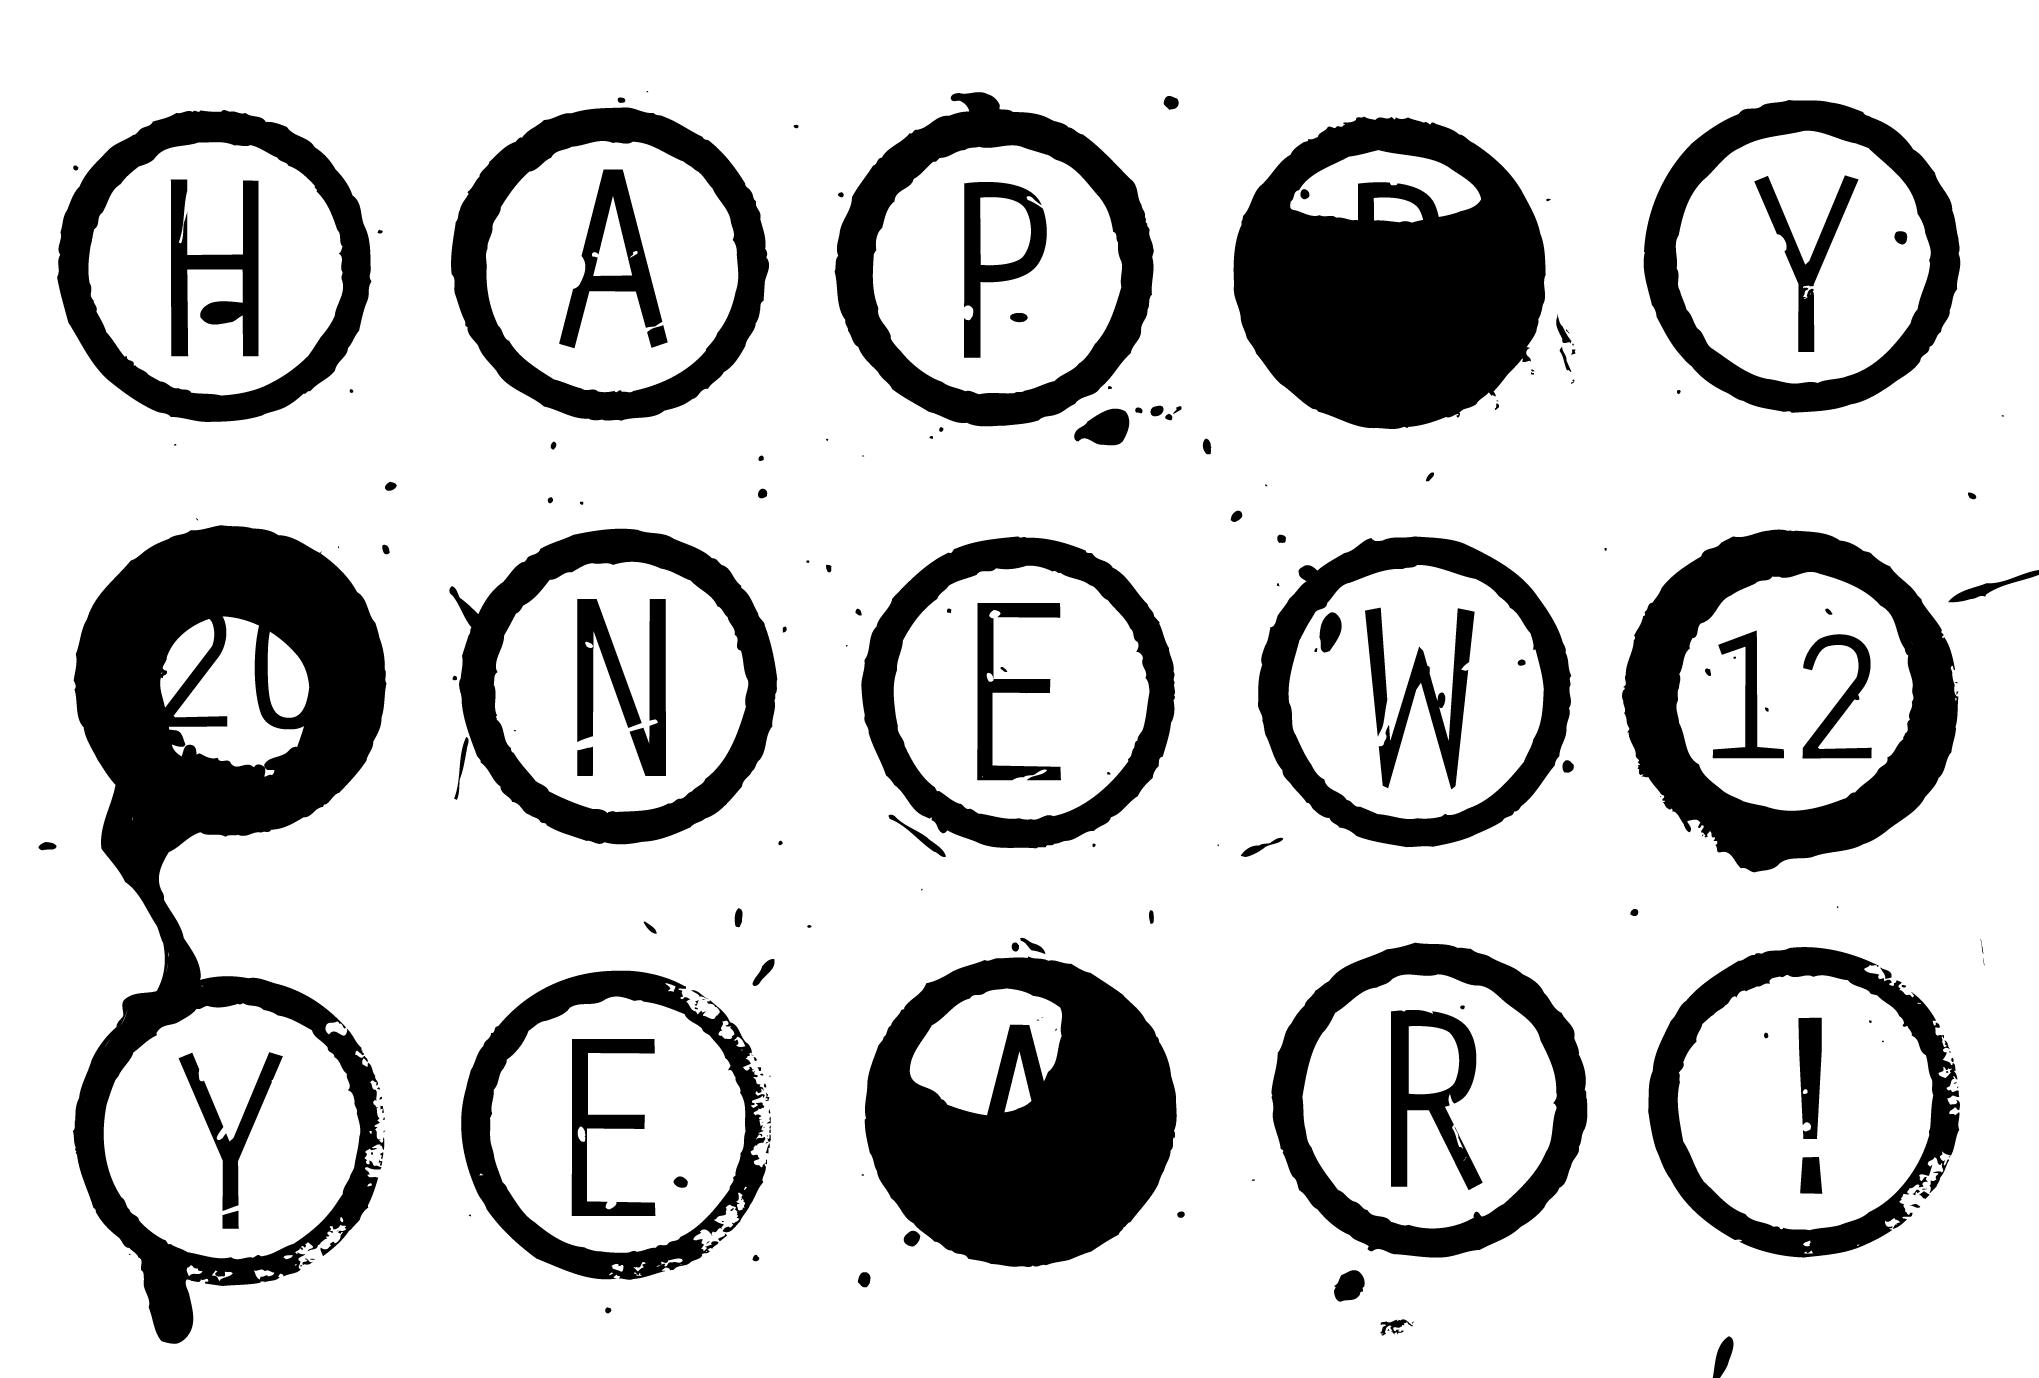 2012年賀状03:Circle 2012のダウンロード画像